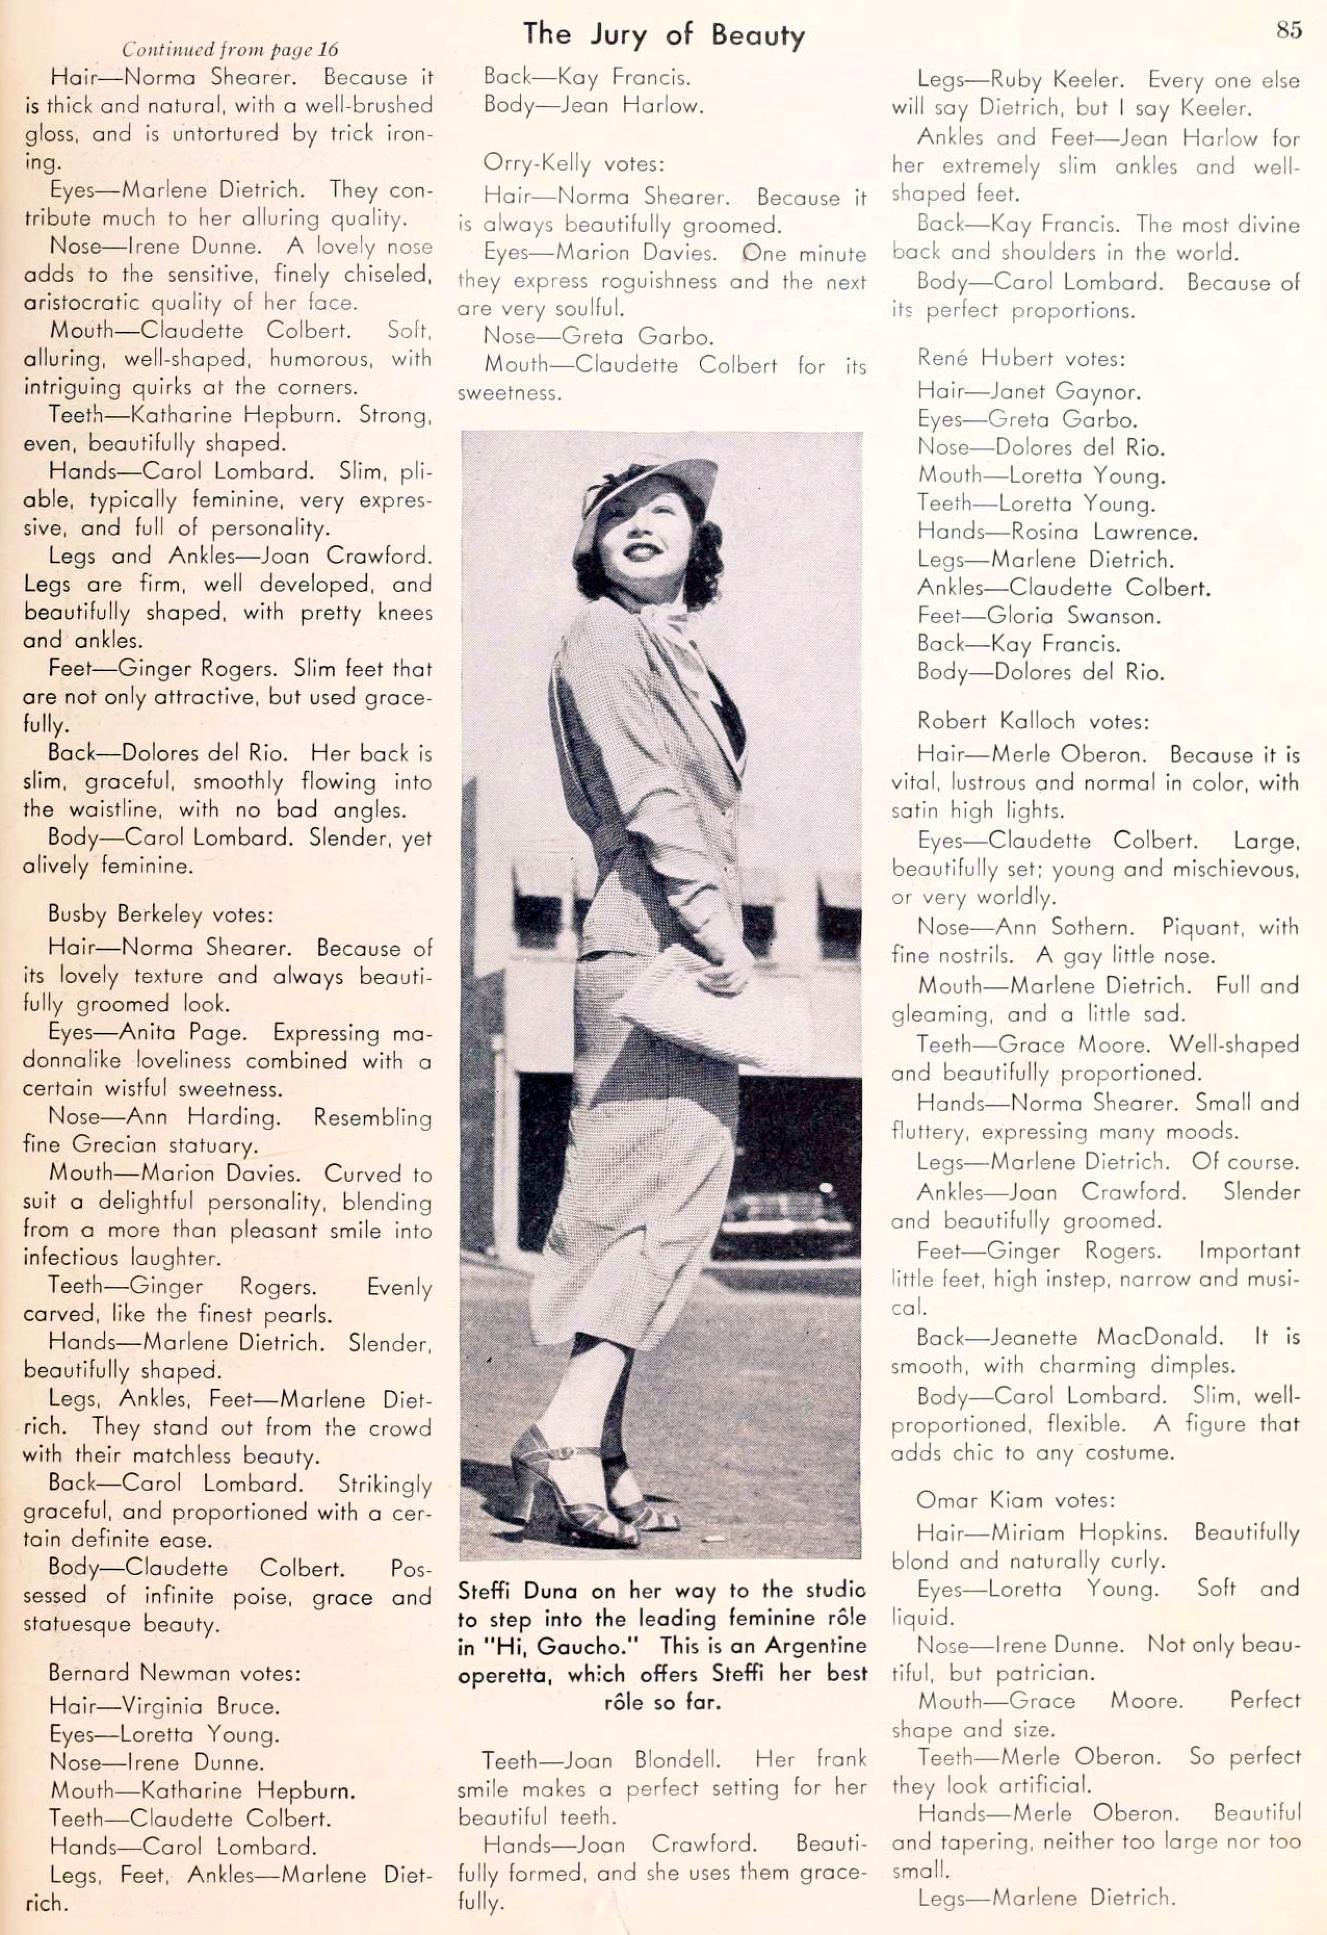 carole lombard picture play november 1935da